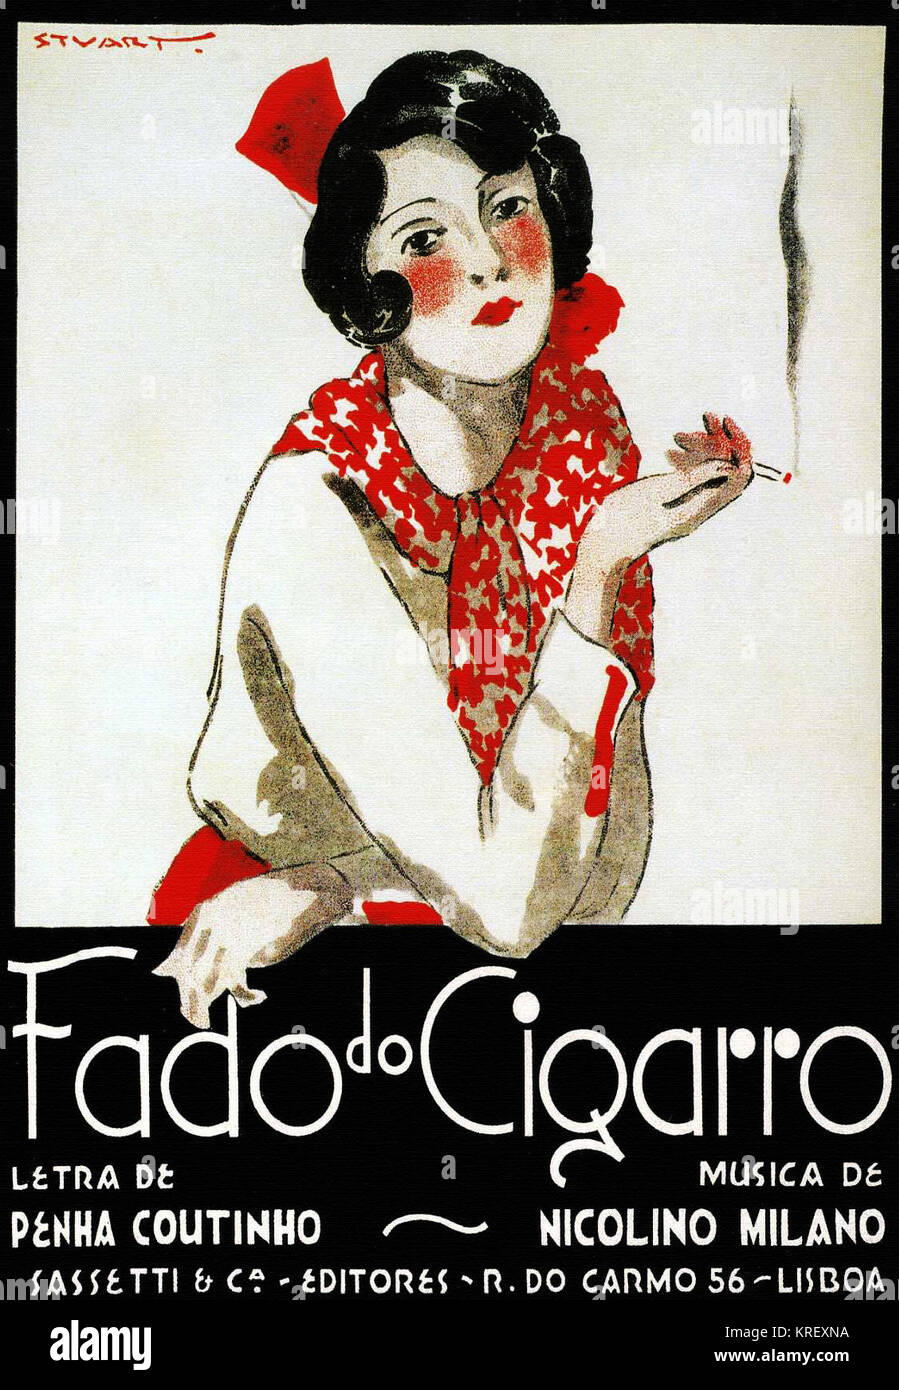 Cigarettes are Doom; Portuguese anti smoking public service - Stock Image